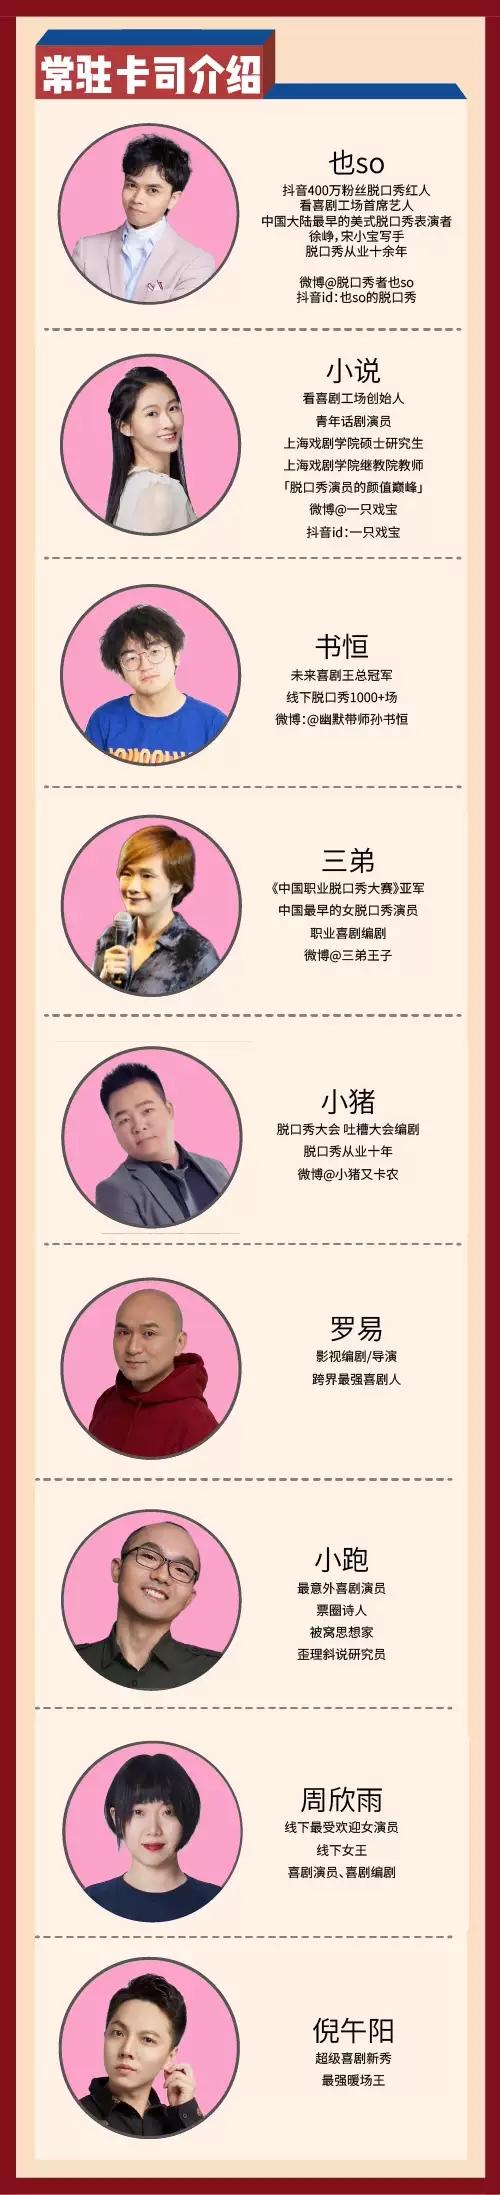 2021《看喜剧,秀!》-周日超级脱口秀 看喜剧工场-上海站